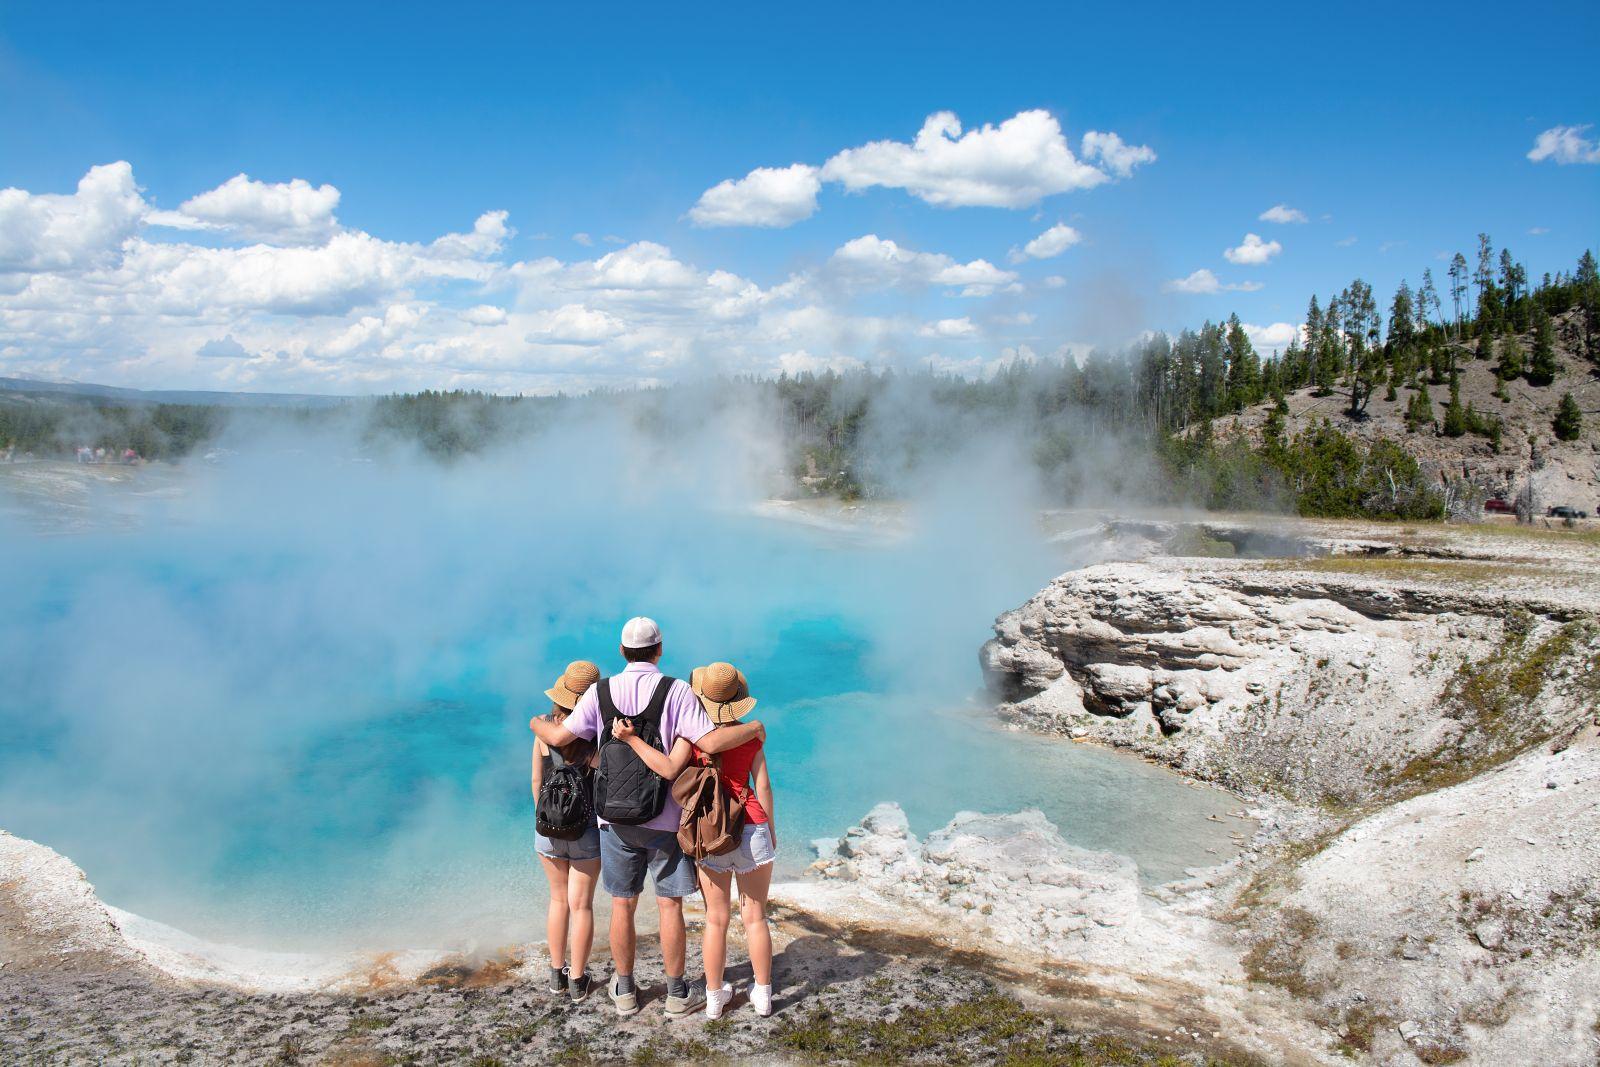 Das Wandern ist eine sehr beliebte Aktivität im Yellowstone-Nationalpark.